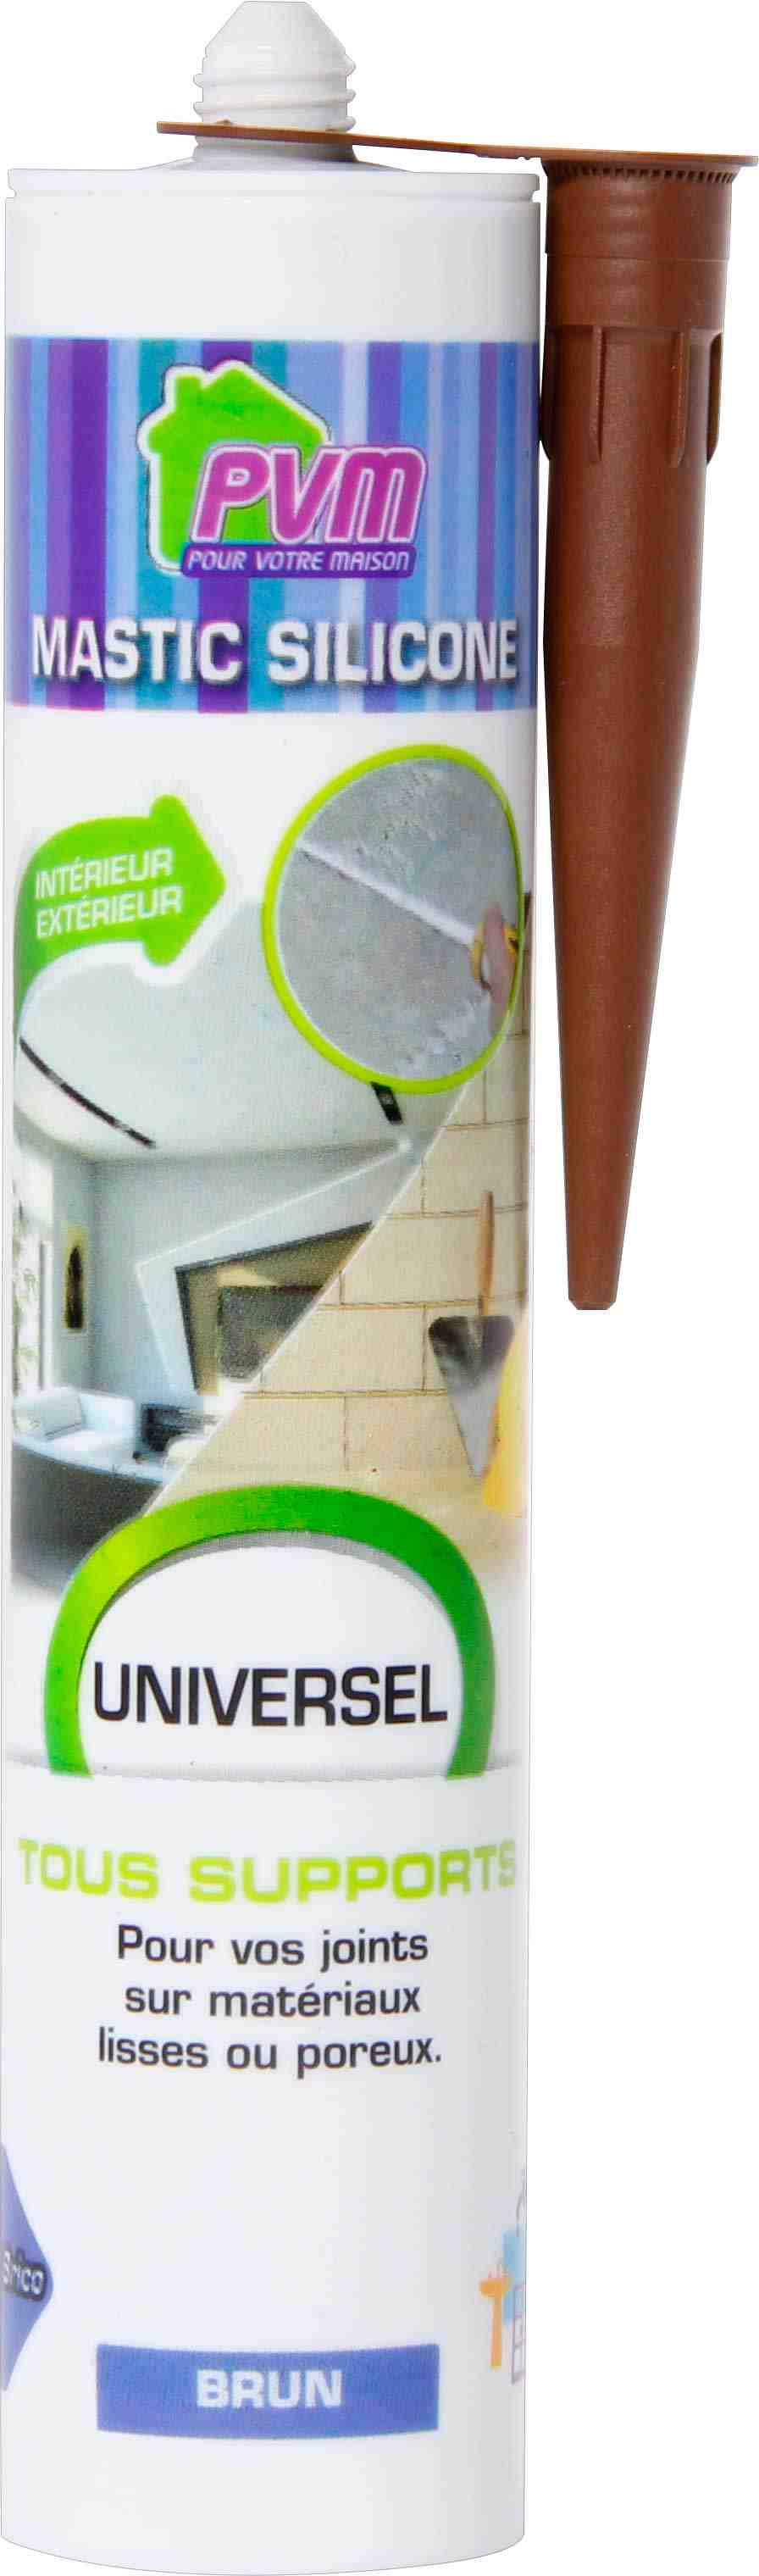 mastic universel pvm brun de mastic multi usages 1064964 mon magasin g n ral. Black Bedroom Furniture Sets. Home Design Ideas